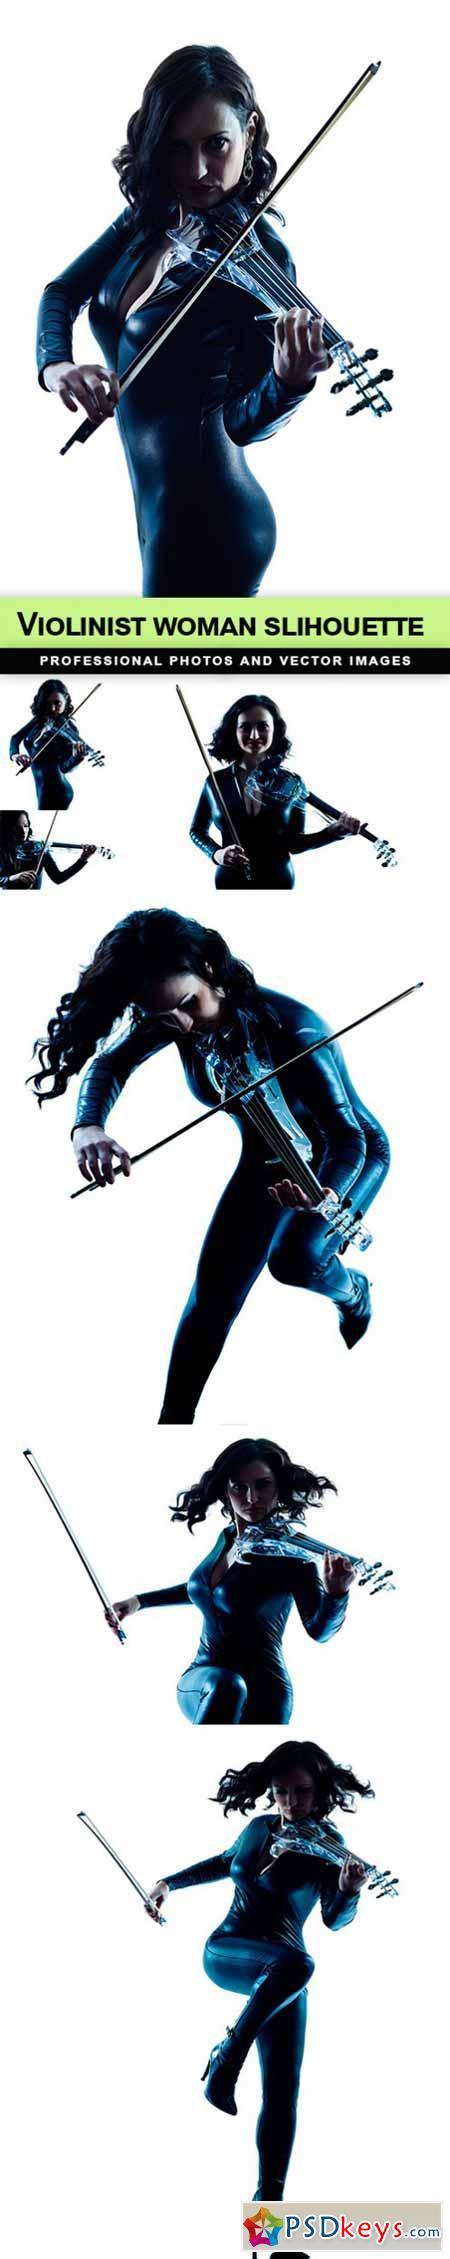 Violinist woman slihouette - 6 UHQ JPEG